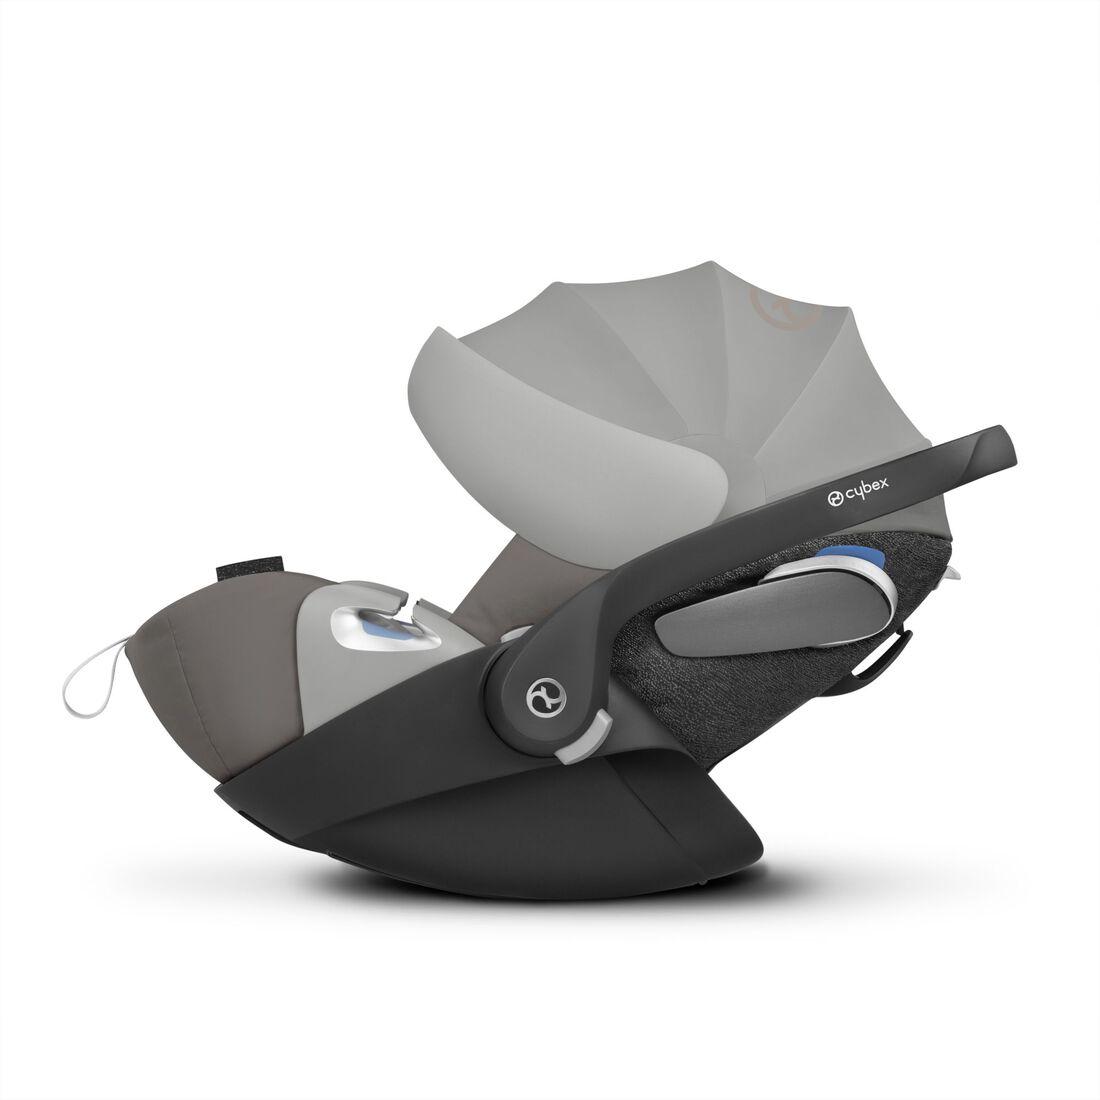 CYBEX Cloud Z i-Size - Soho Grey in Soho Grey large image number 5